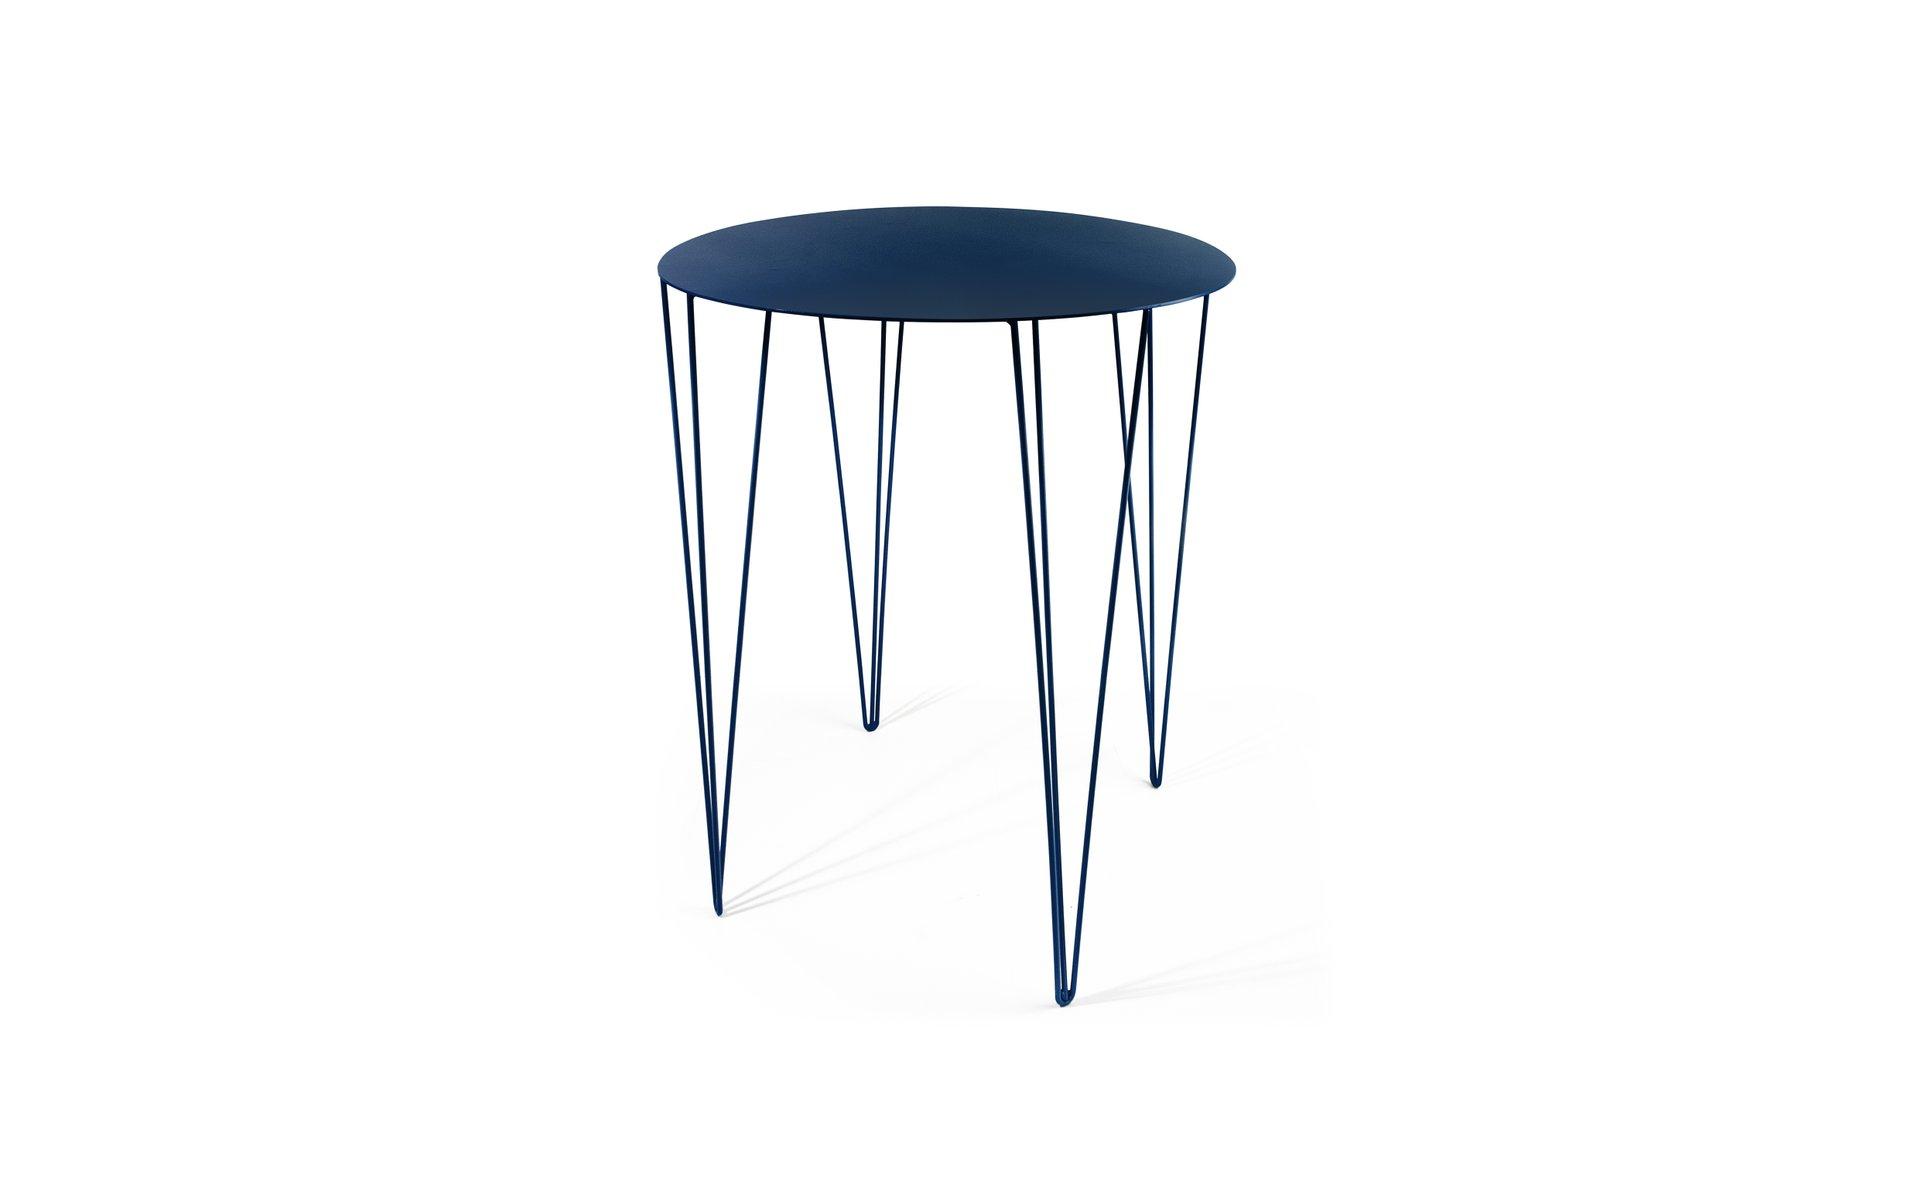 Chele Bistrotisch in Blau von Antonino Sciortino für Atipico